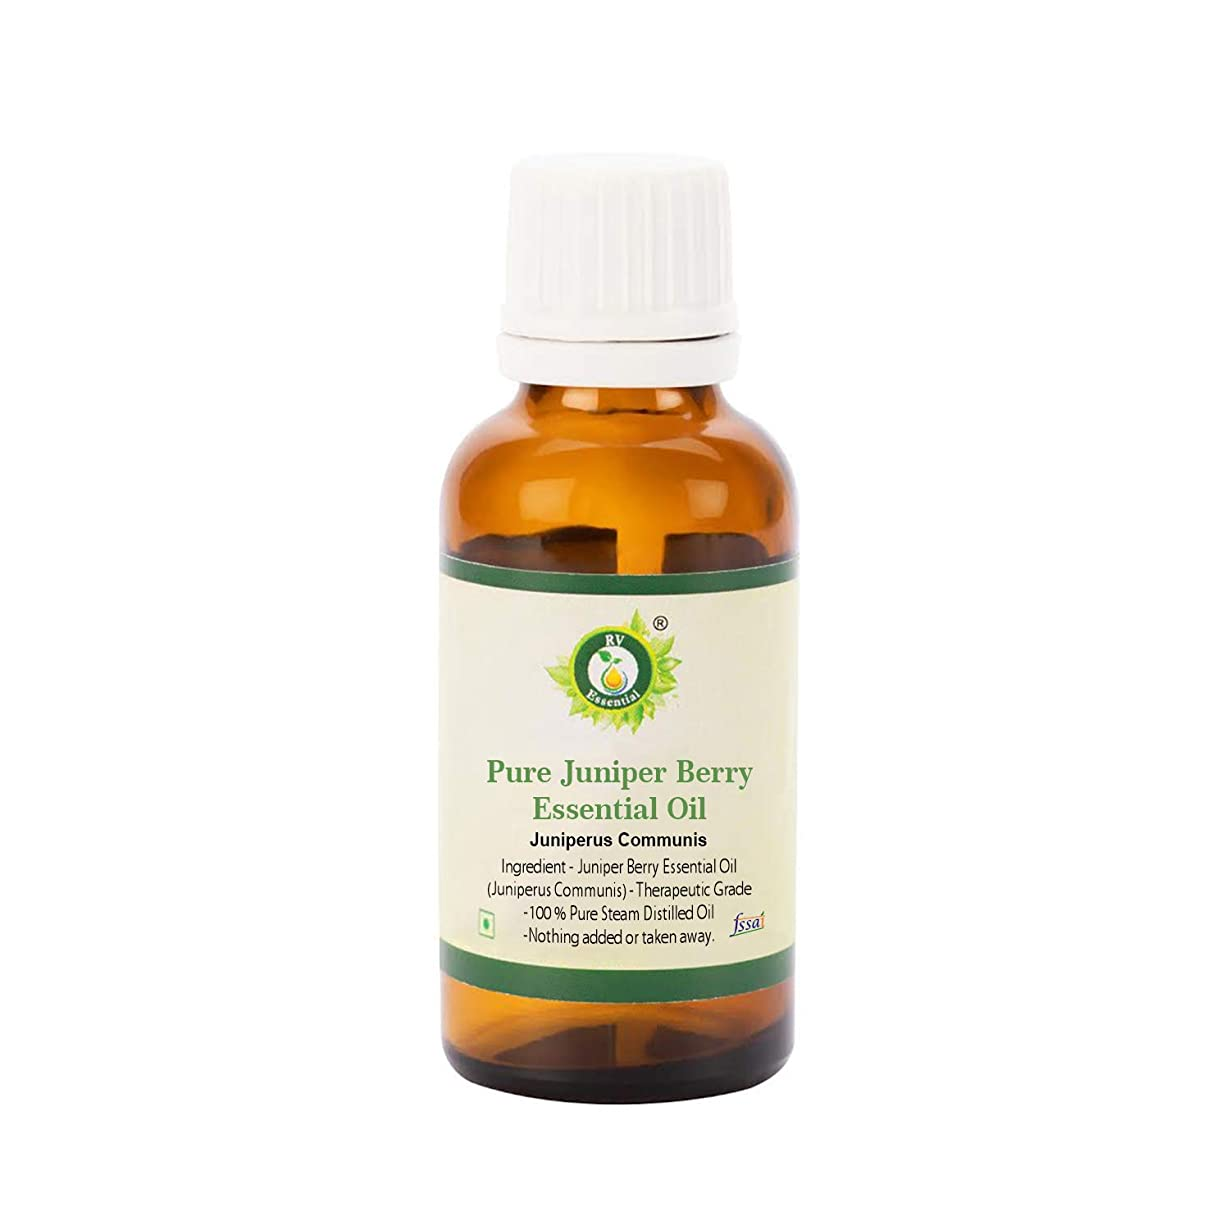 アンプ一目剛性R V Essential ピュアジュニパーベリーエッセンシャルオイル100ml (3.38oz)- Juniperus Communis (100%純粋&天然スチームDistilled) Pure Juniper Berry Essential Oil